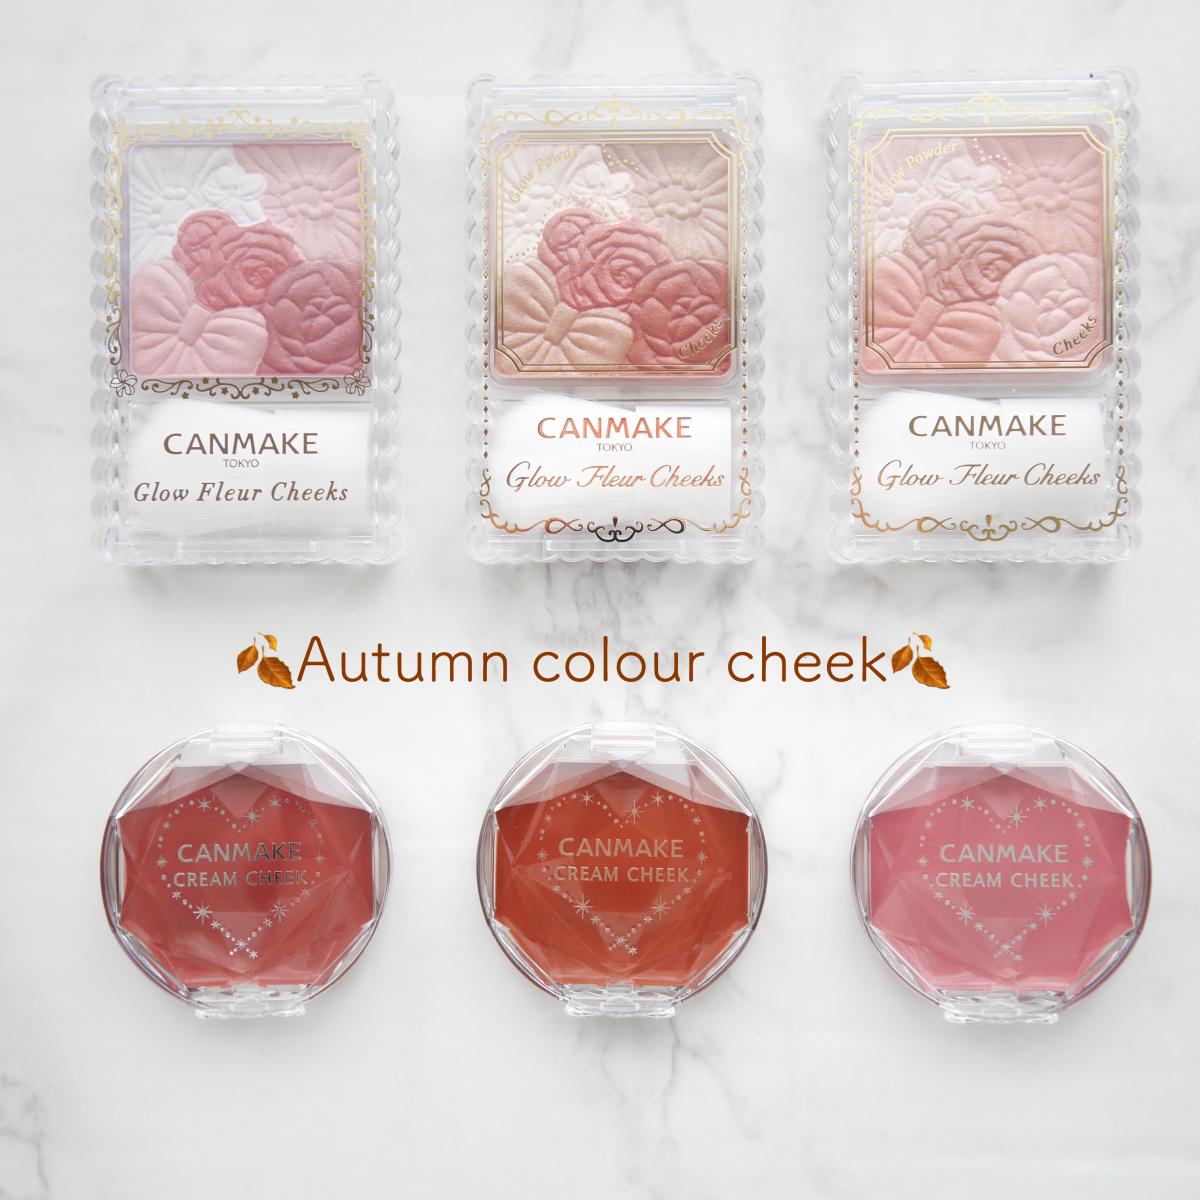 【秋色プチプラチーク(後編)】チークも秋色にチェンジ!キャンメイクの秋色チーク♩